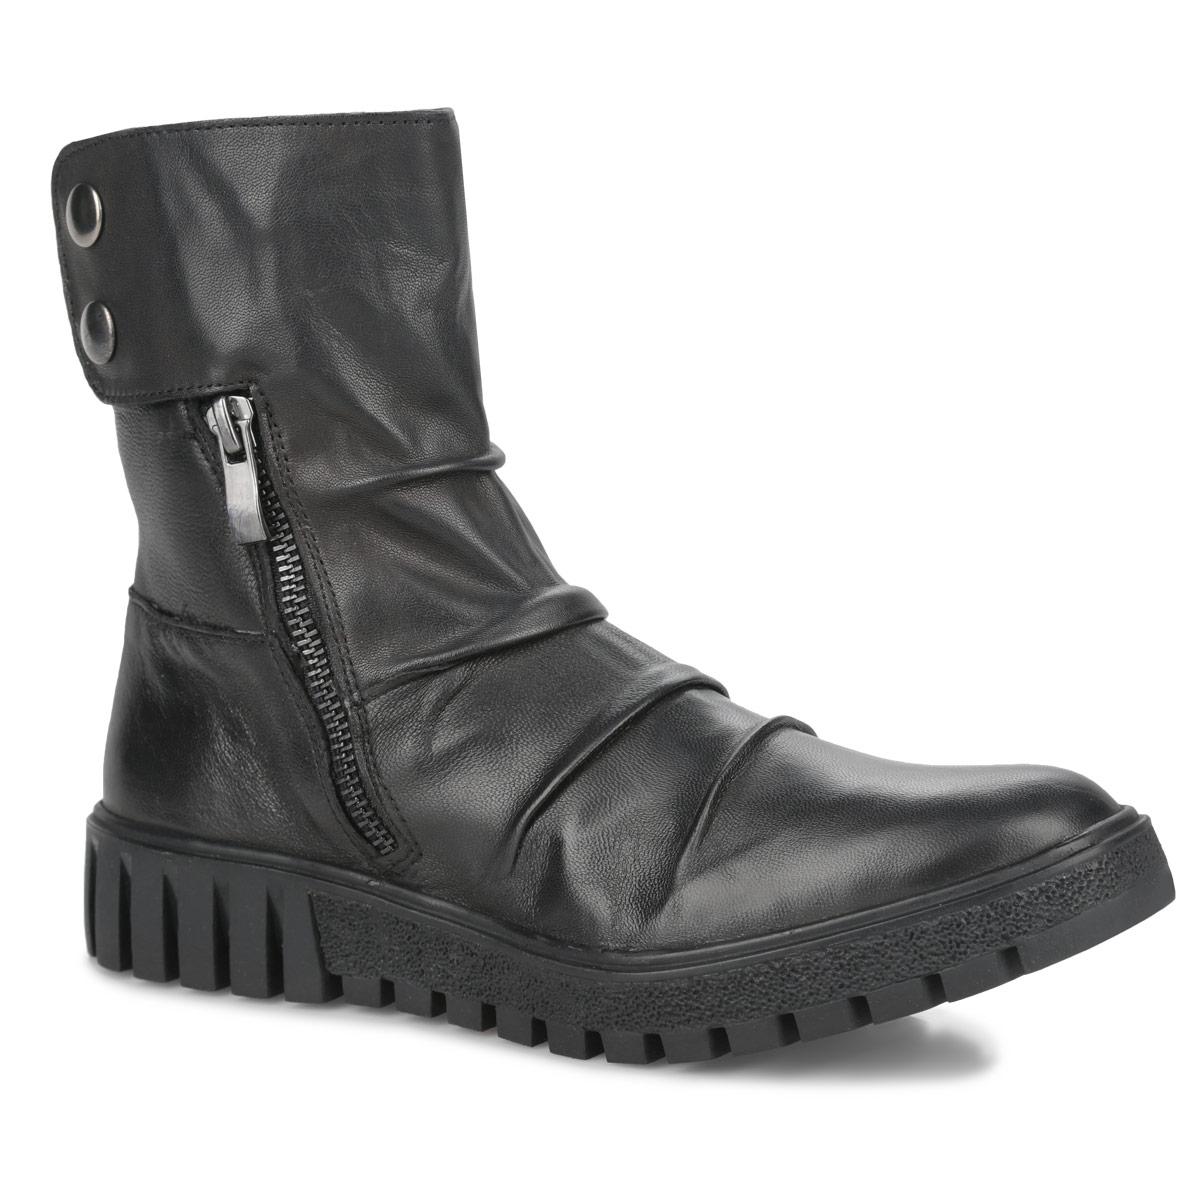 Ботинки женские. 1-25822-35-0011-25822-35-001Ультрамодные ботинки от Tamaris займут достойное место в вашем гардеробе. Модель выполнена из натуральной кожи и оформлена на подъеме декоративными складками. Подкладка исполнена из мягкого текстиля. Ботинки застегиваются на боковые застежки-молнии и дополнительно хлястиком на липучку, расположенным на голенище. Хлястик декорирован двумя металлическими заклепками. Изюминка модели - подошва с глубоким рисунком протектора, который обеспечивает отличное сцепление с любыми поверхностями. В таких ботинках вашим ногам будет комфортно и уютно!